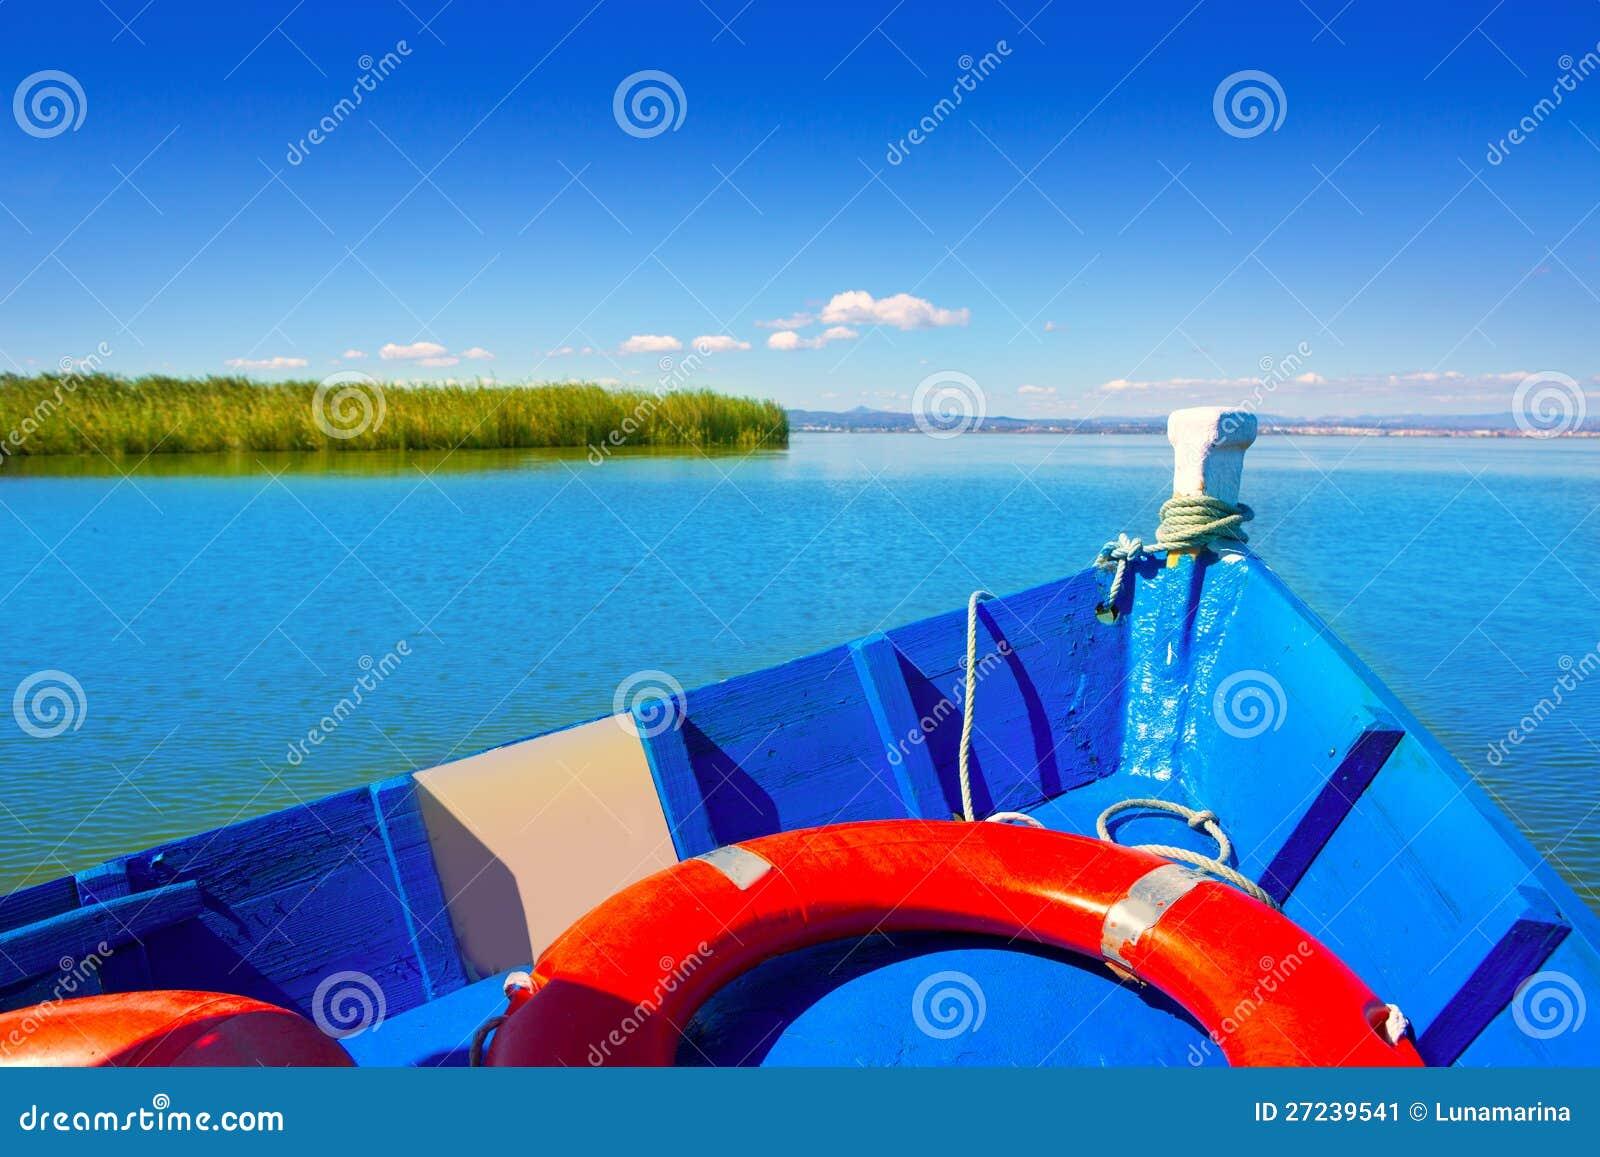 Błękitny łódkowaty żeglowanie w Albufera jeziorze Walencja